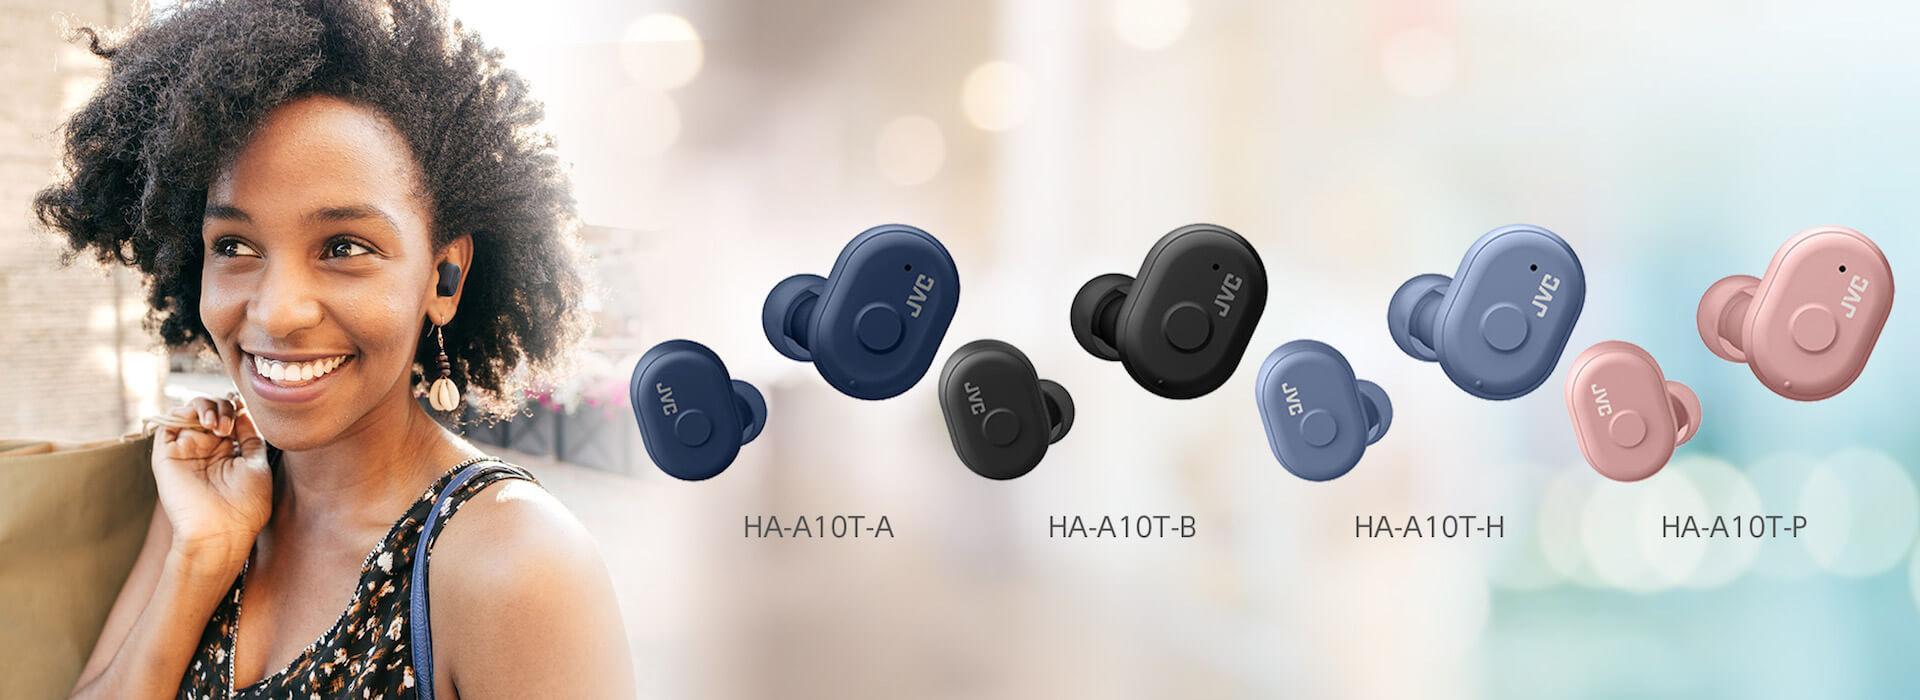 JVCからハイコストパフォーマンスを実現するワイヤレスイヤホン「HA-A10T」が登場! tech191024_jvc_earphone_1